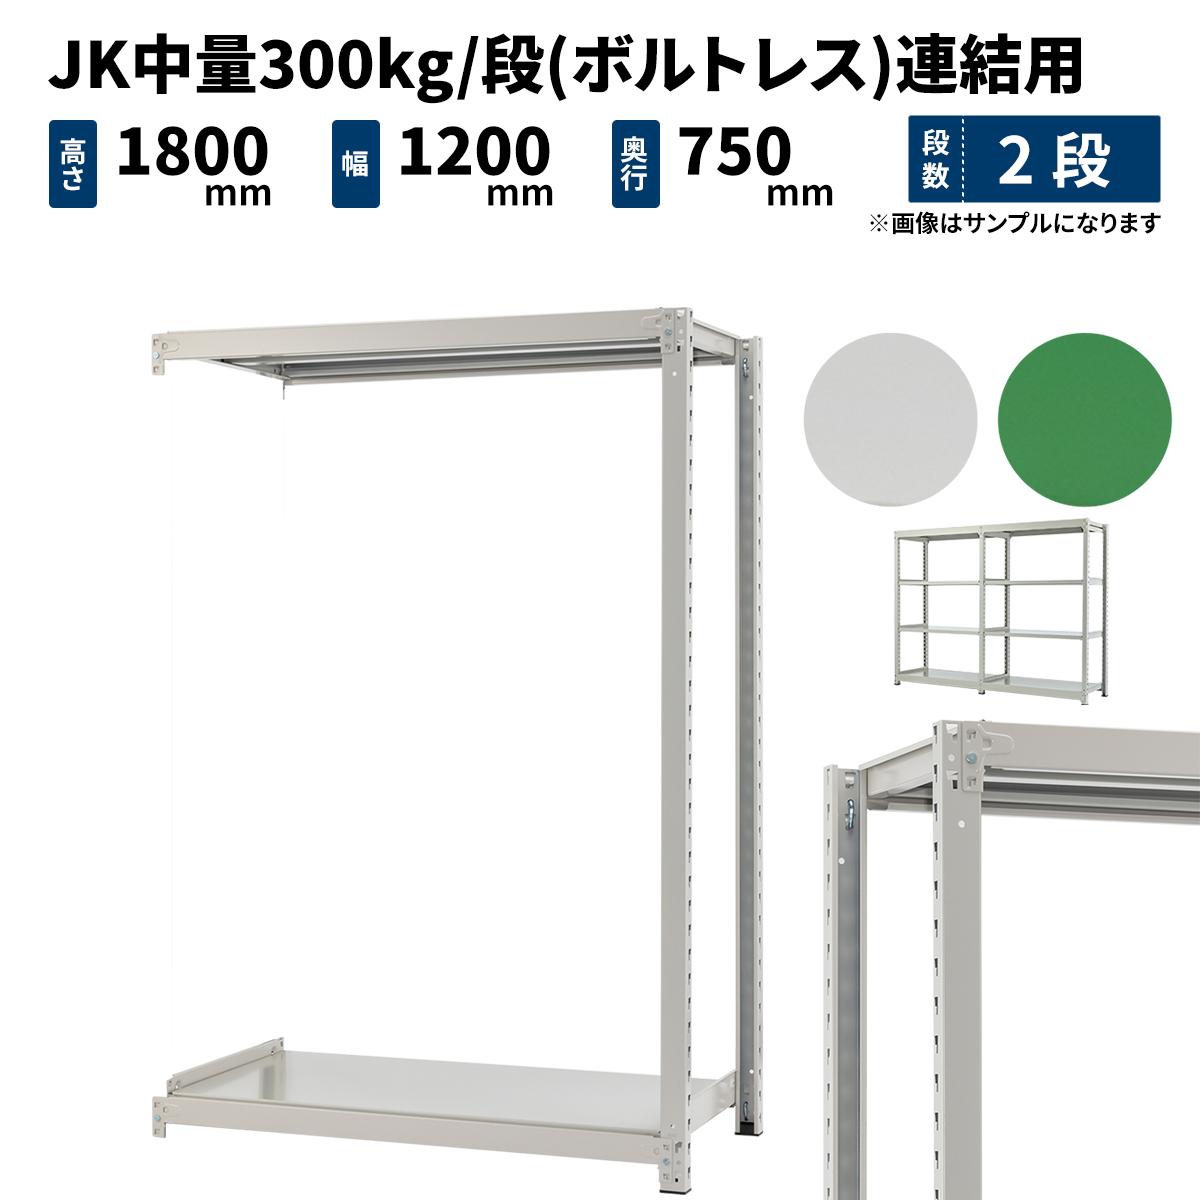 スチールラック 業務用 JK中量300kg/段(ボルトレス) 連結形式 高さ1800×幅1200×奥行750mm 2段 ホワイトグレー/グリーン (42kg) JK300_R-181275-2